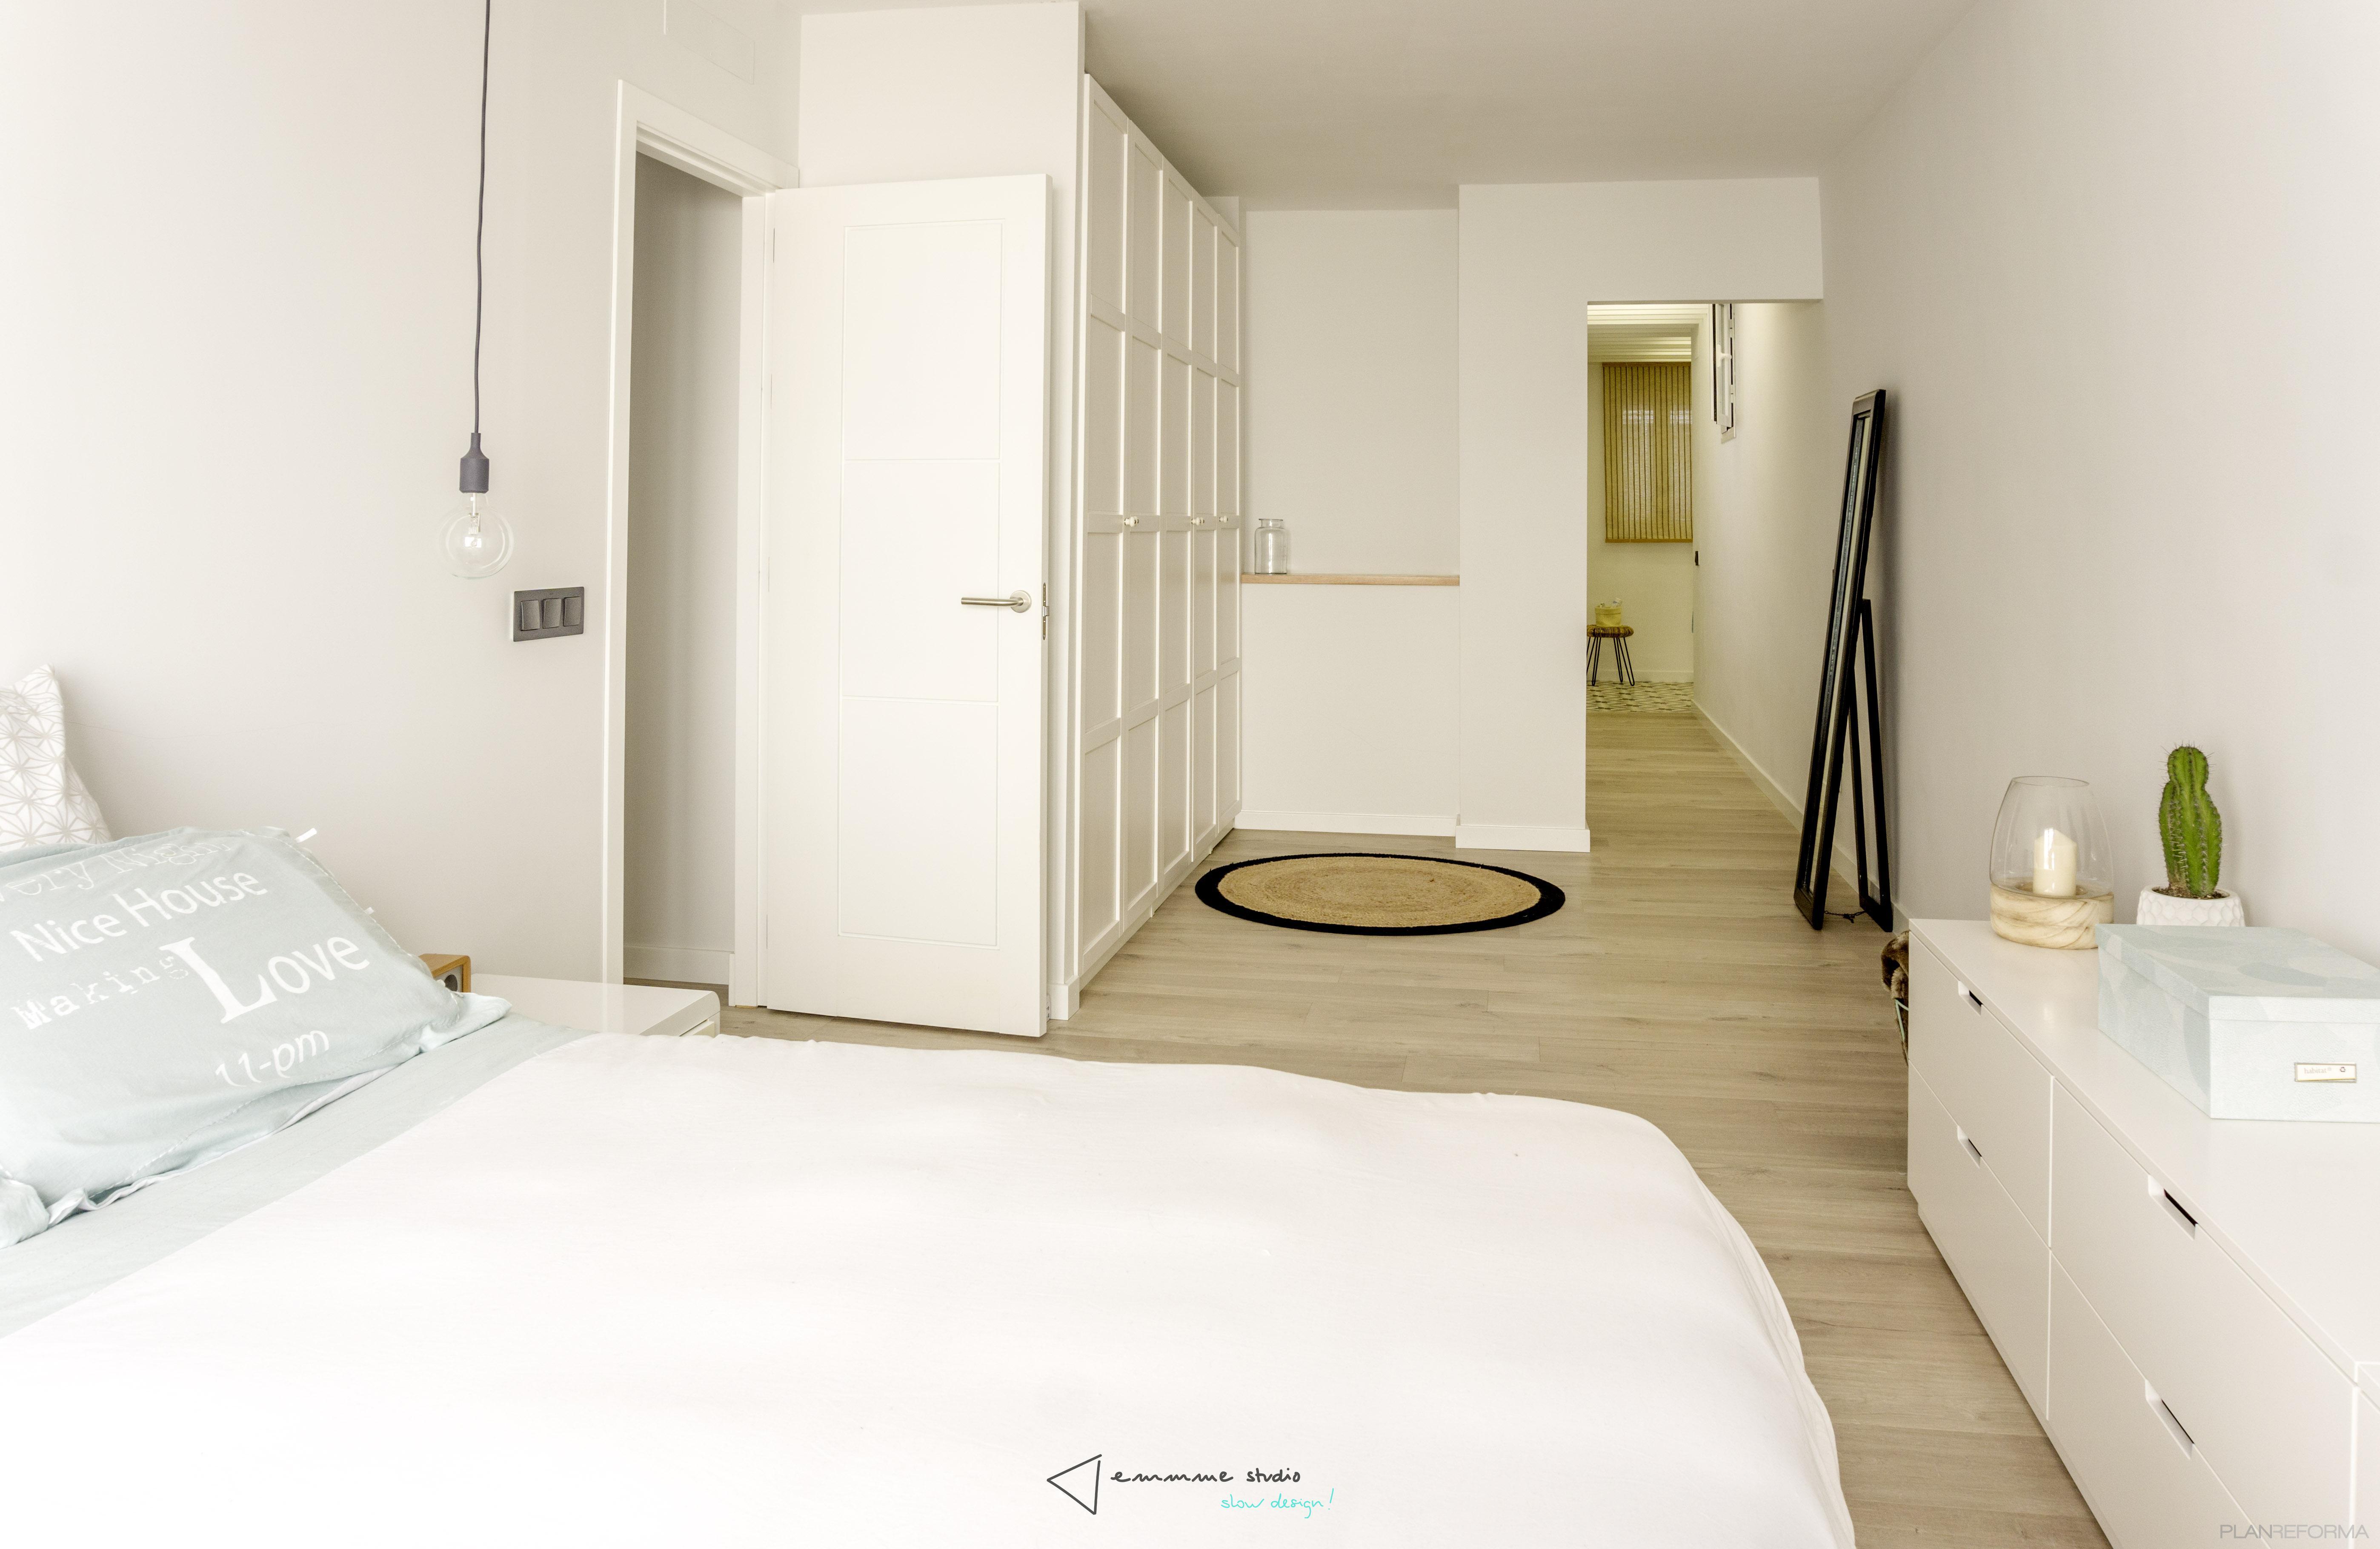 Dormitorio Estilo mediterraneo Color blanco  diseñado por emmme studio   Arquitecto   Copyright emmme studio